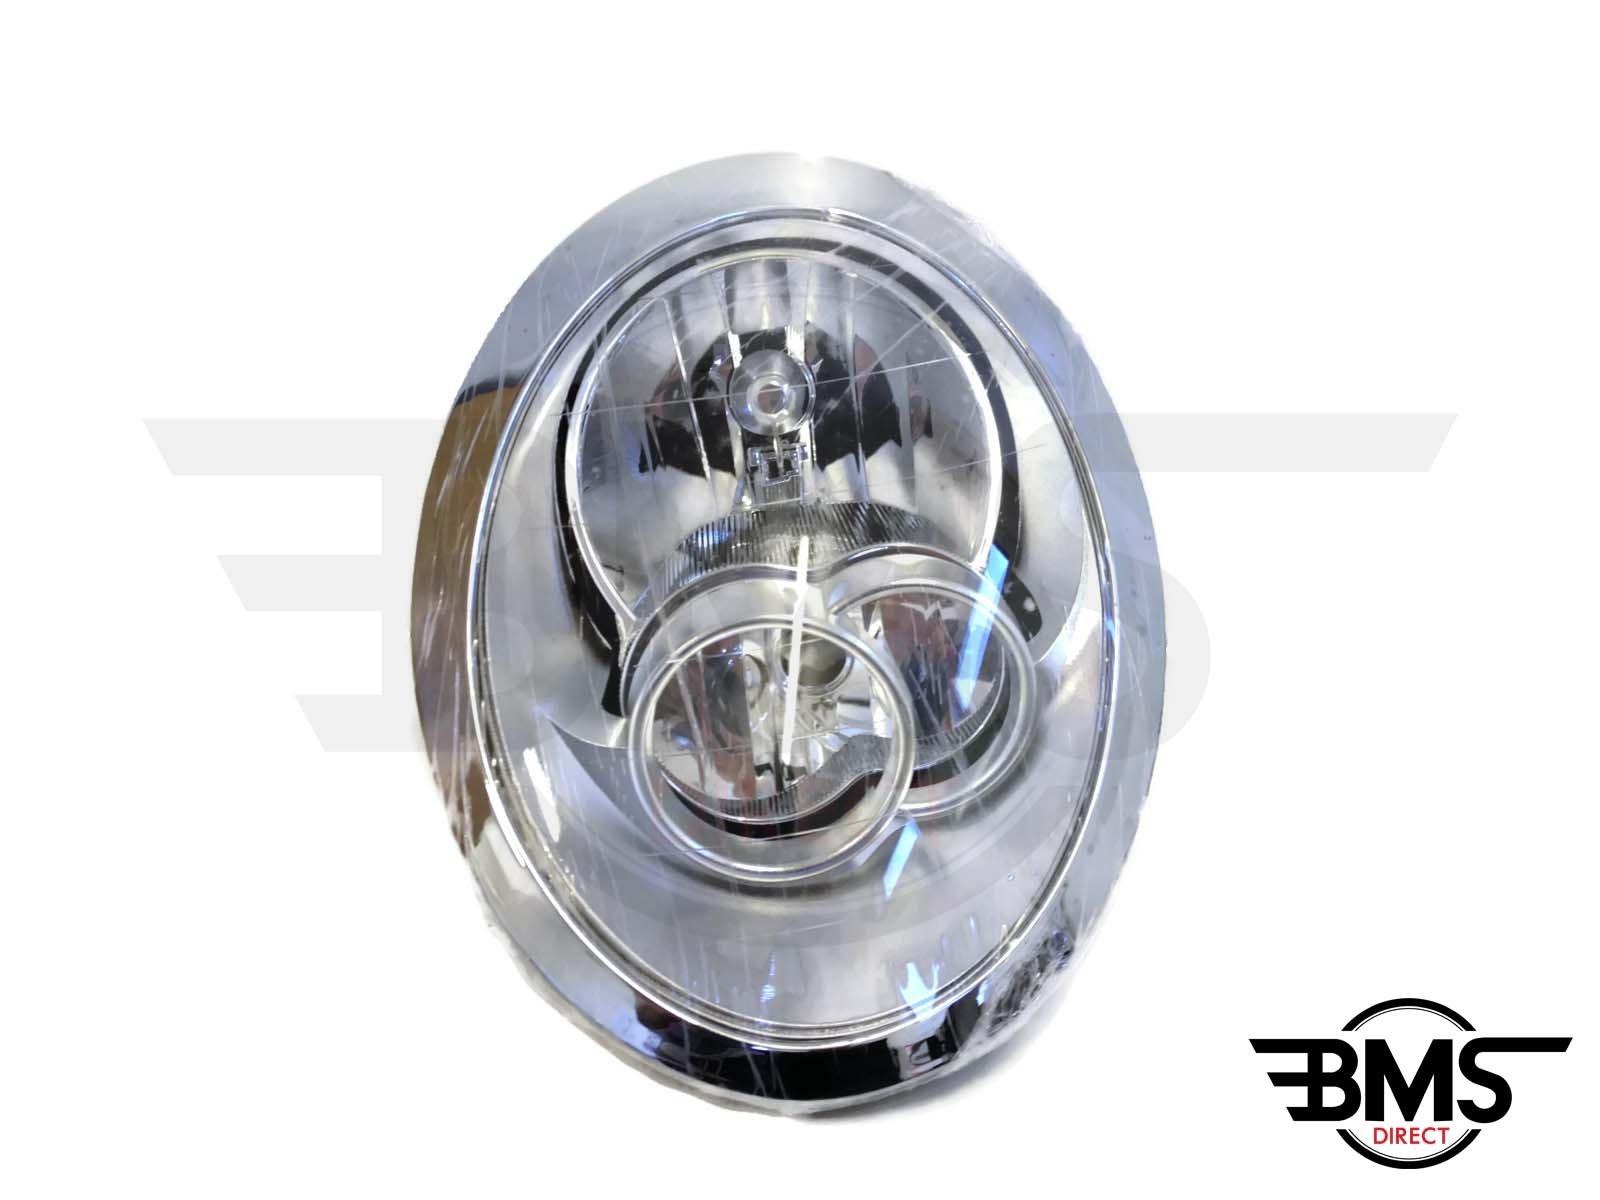 halogen n s headlight facelift bms direct ltd